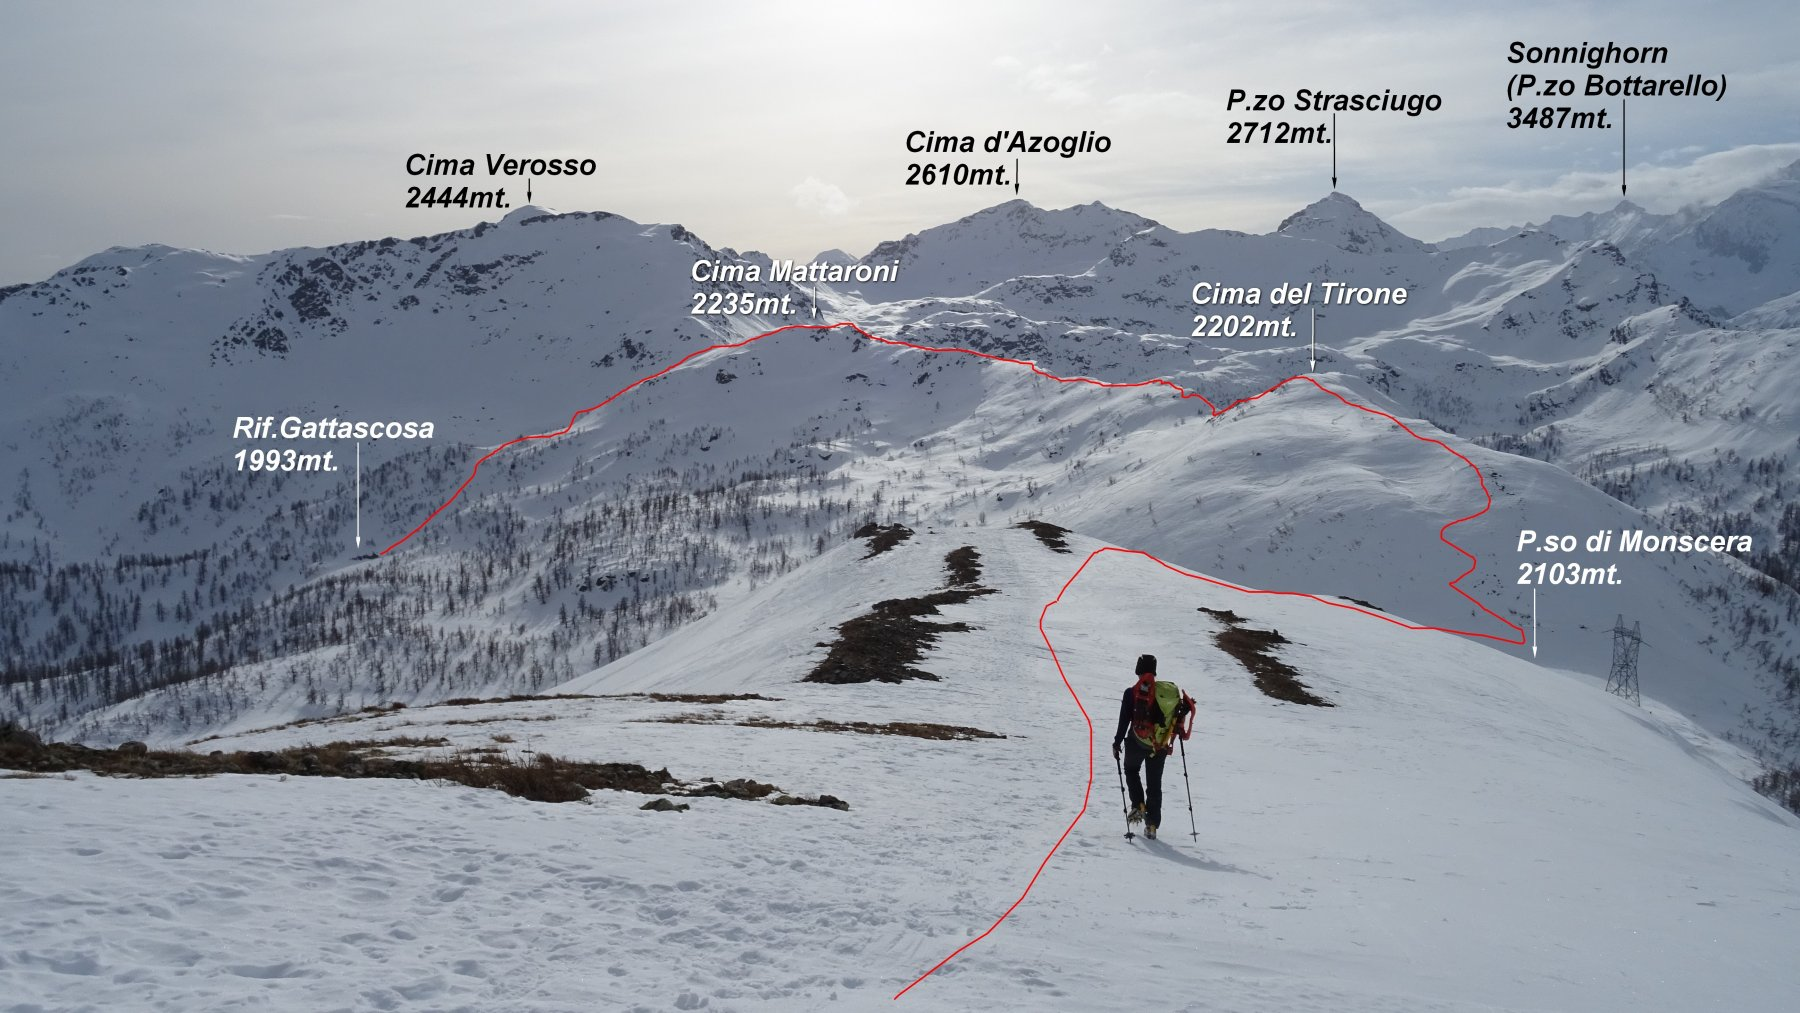 In rosso la traccia del percorso in cresta, visto scendendo dal P.zo Pioltone.